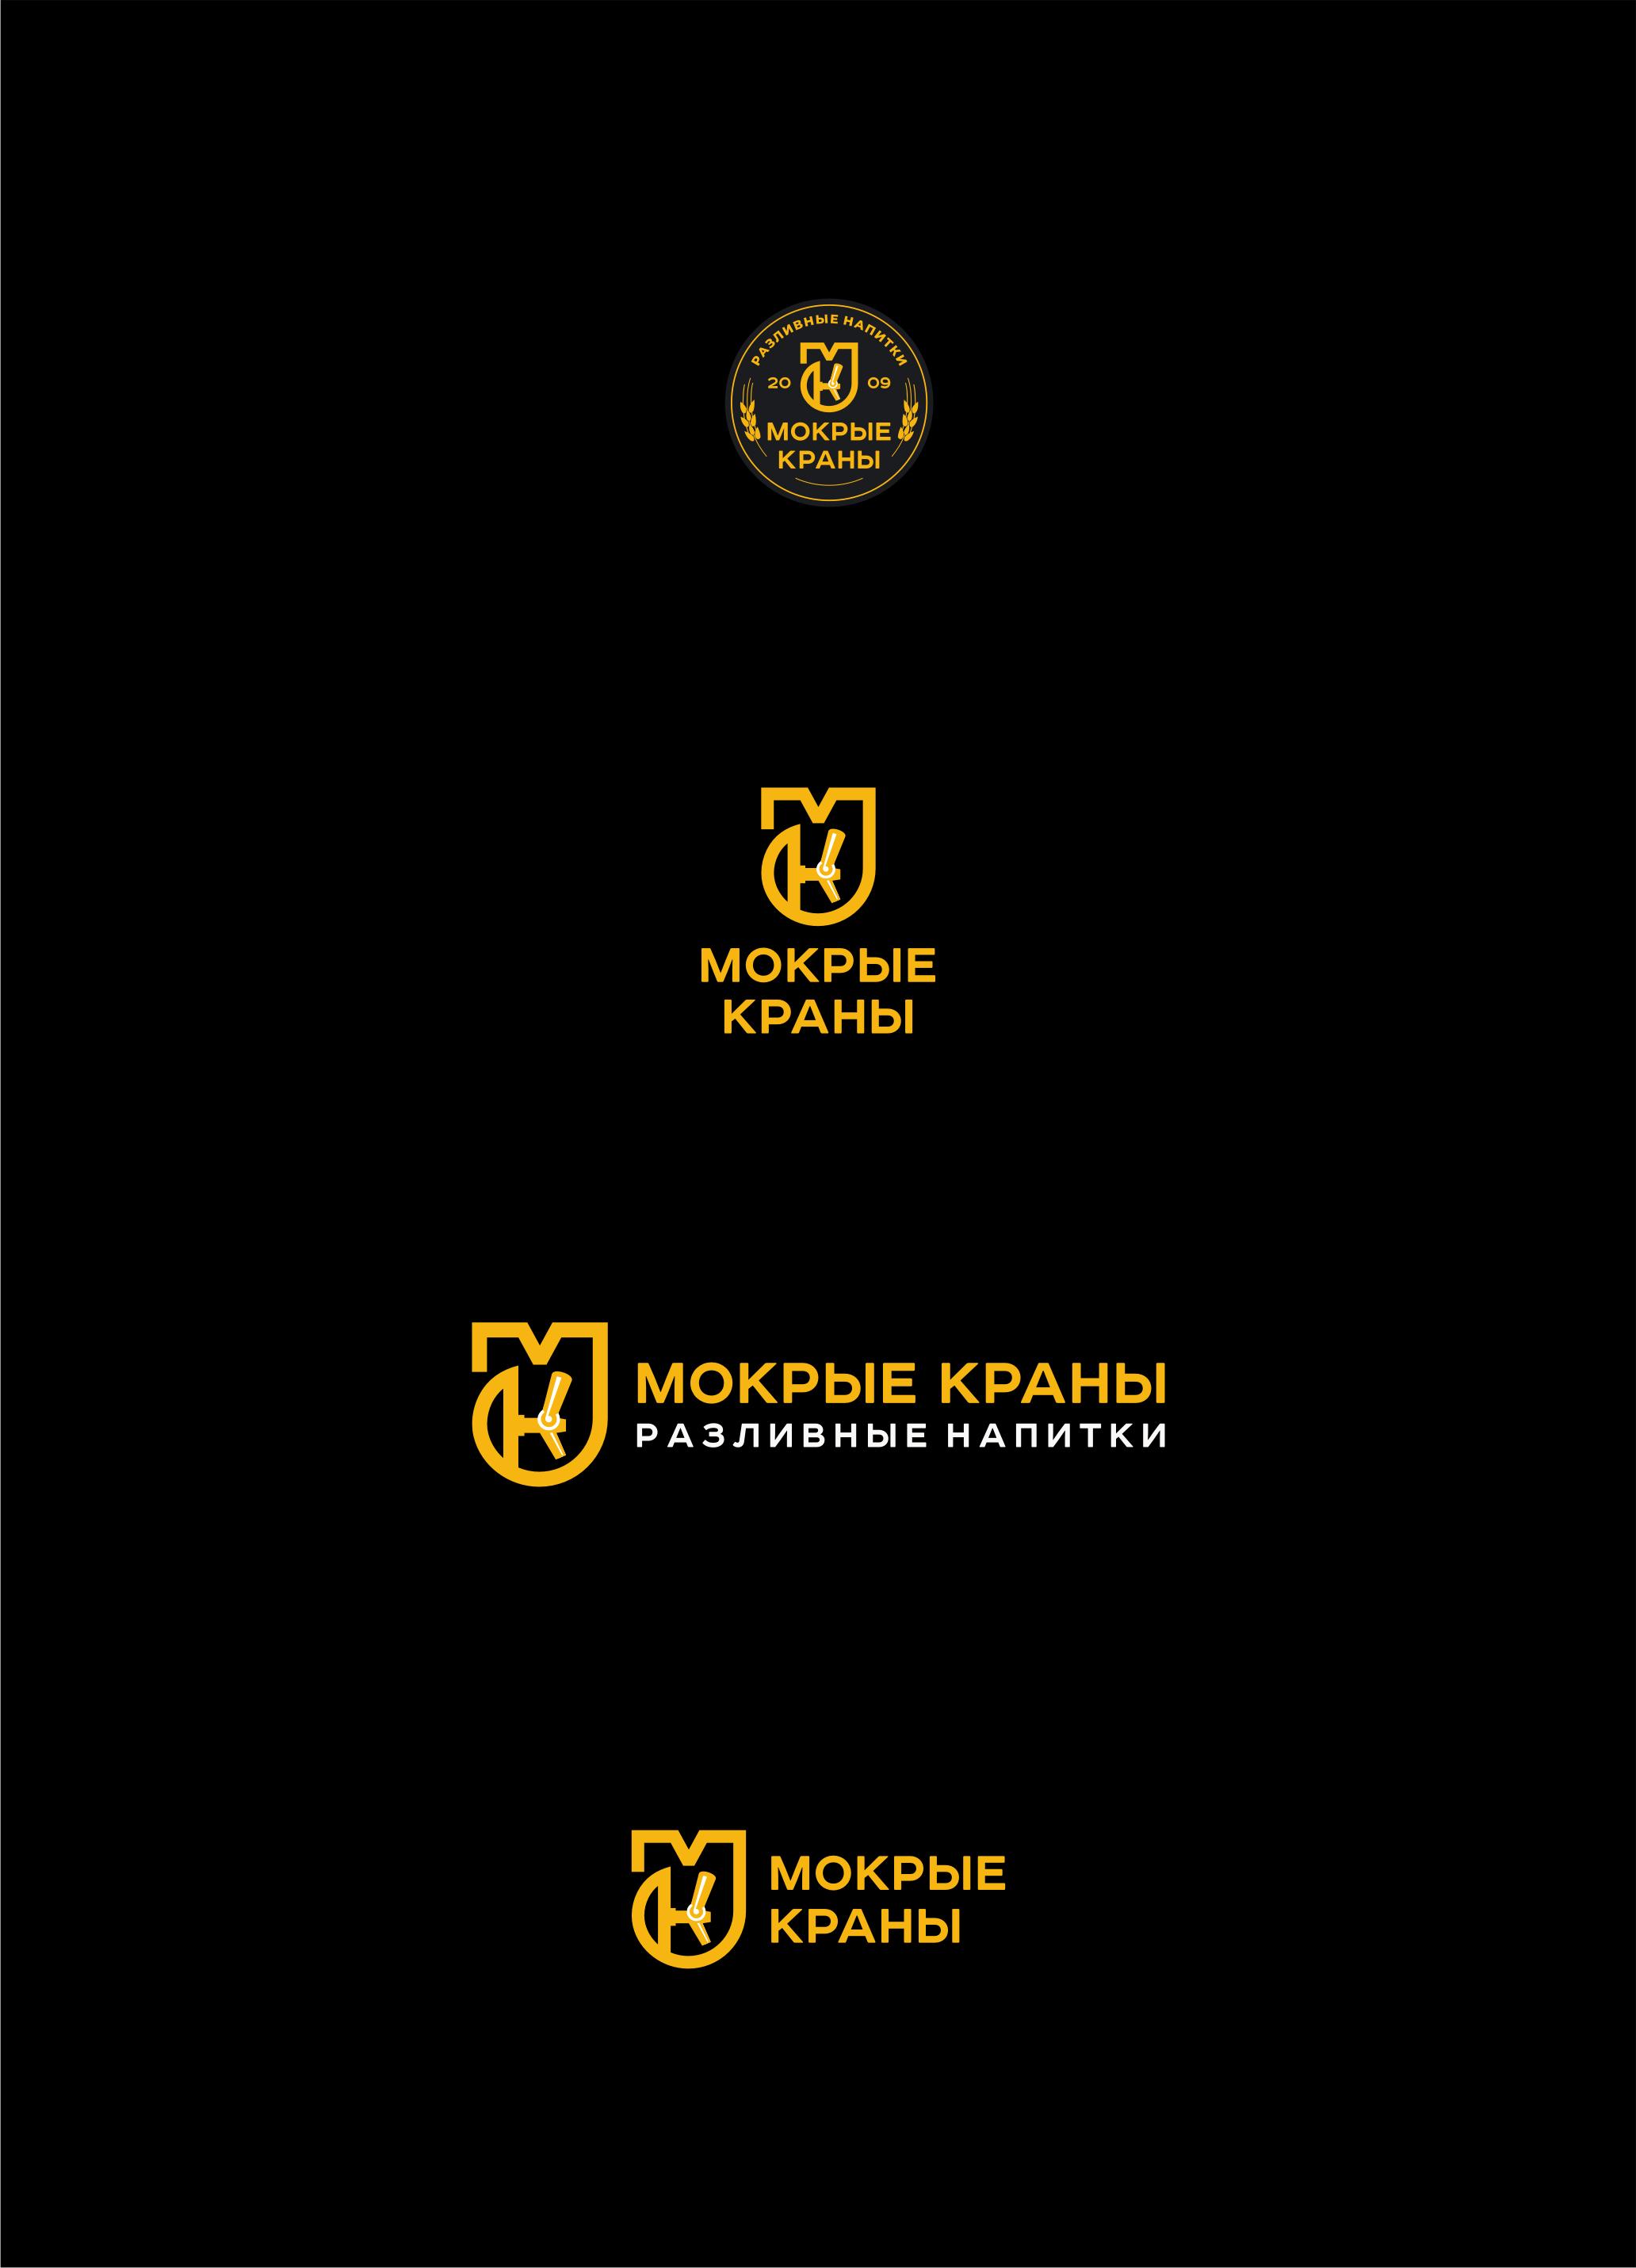 Вывеска/логотип для пивного магазина фото f_90660293c24b36df.png